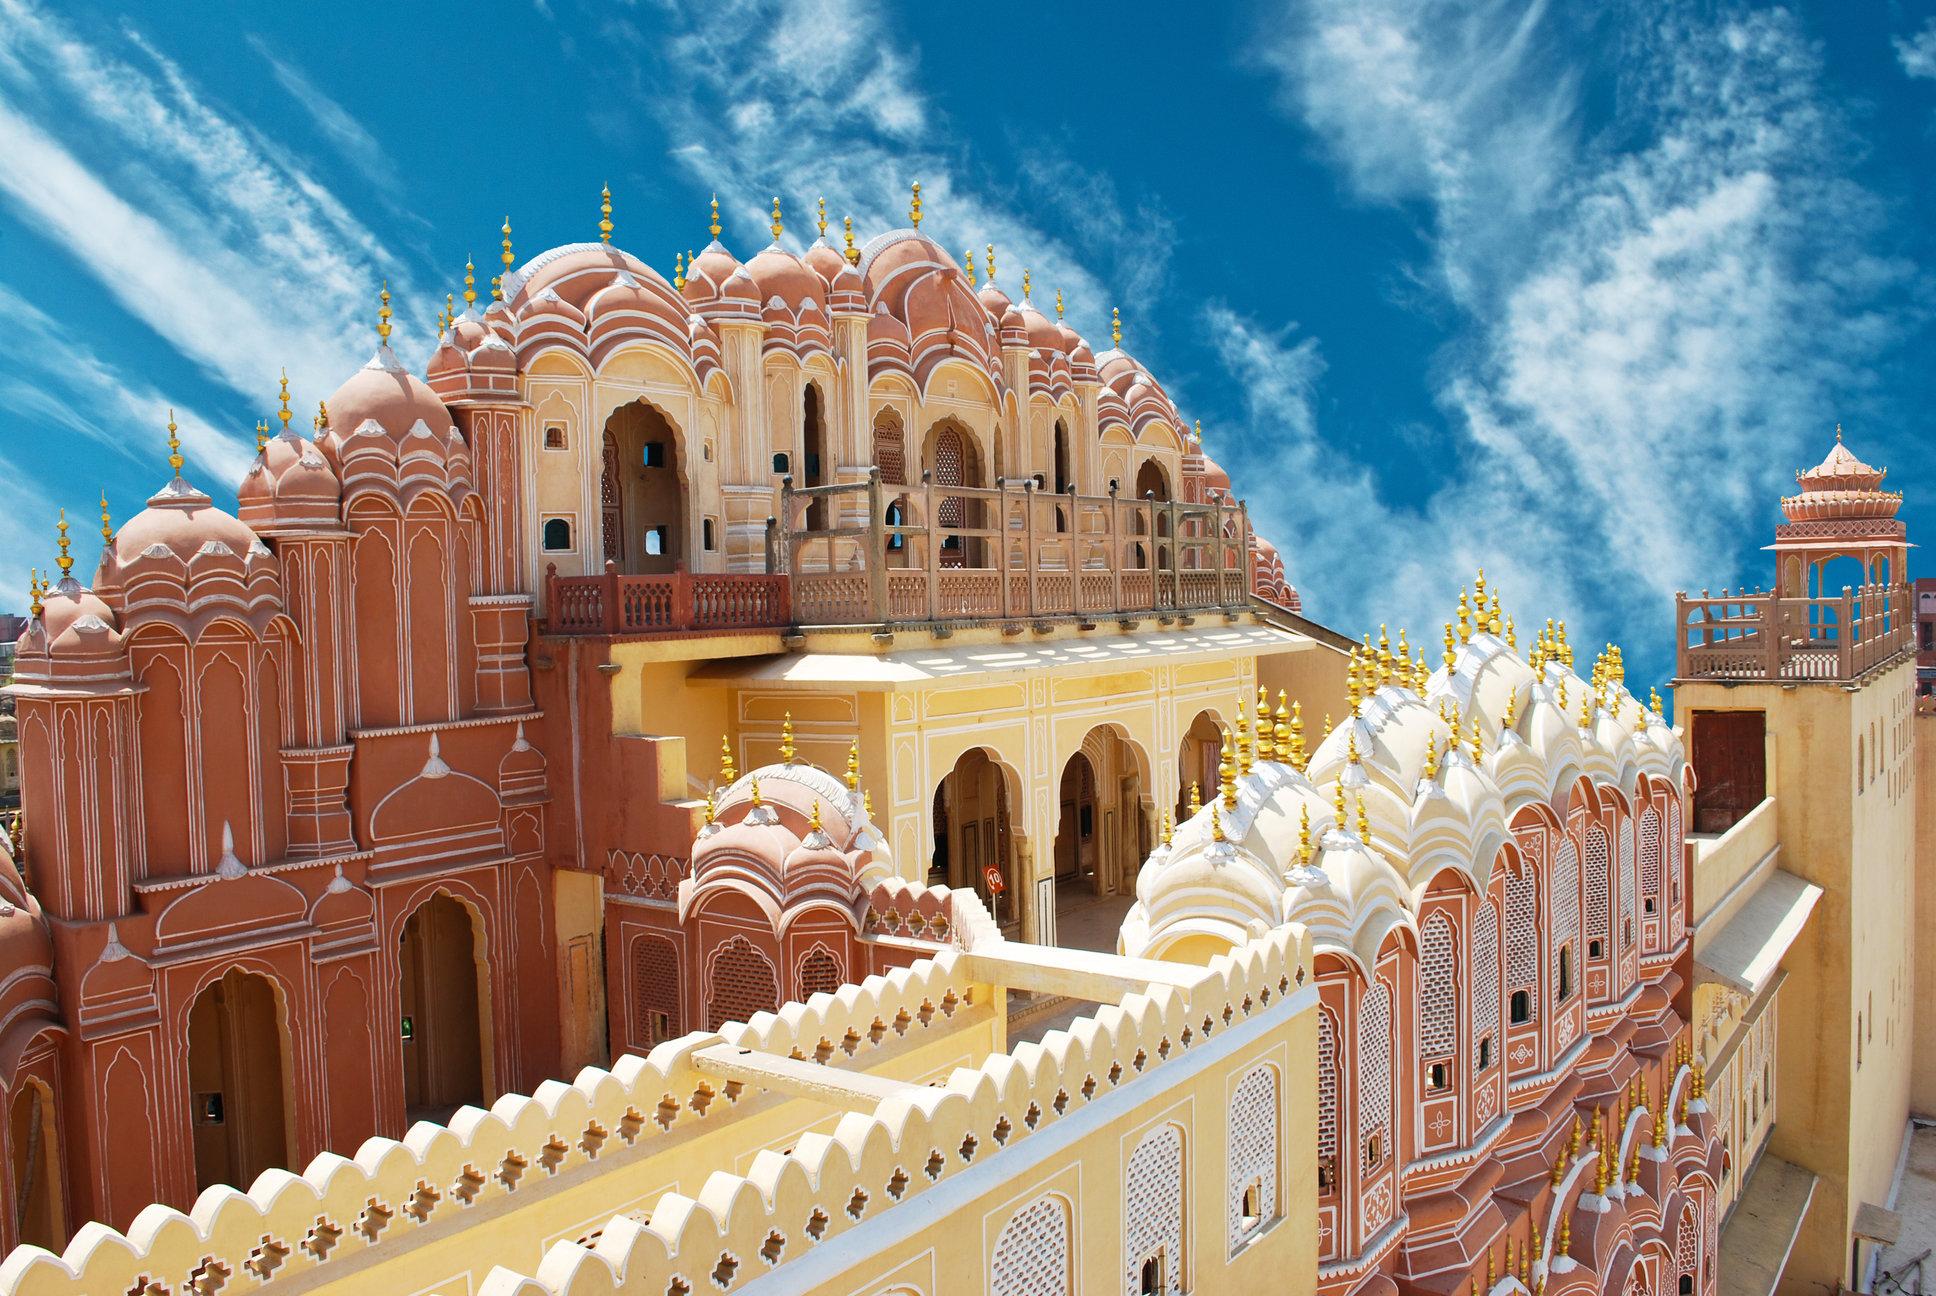 Hawa_Mahal_Jaipur.jpg